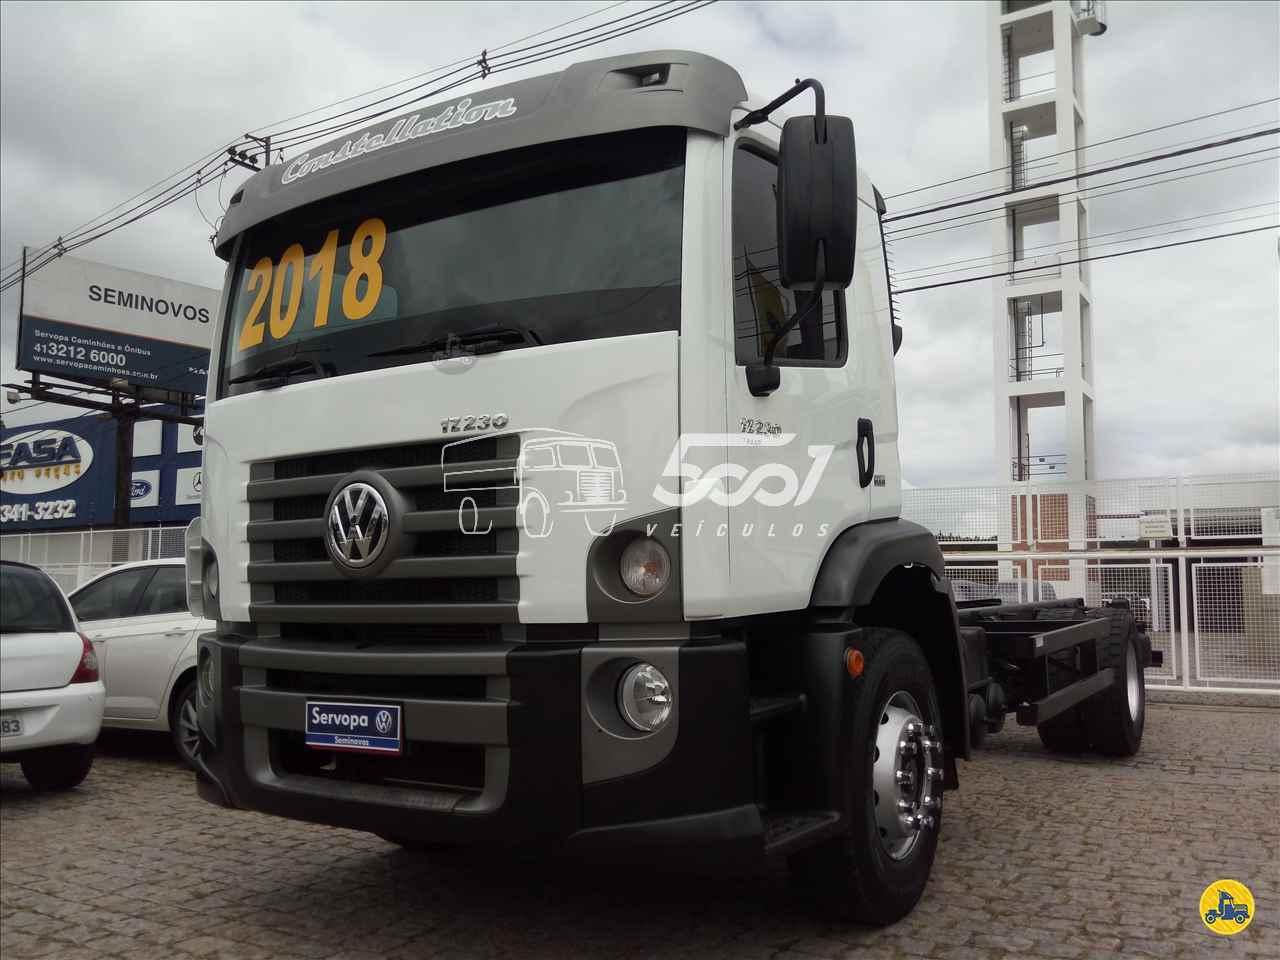 VOLKSWAGEN VW 17230 225698km 2017/2018 5001 Veículos - Curitiba